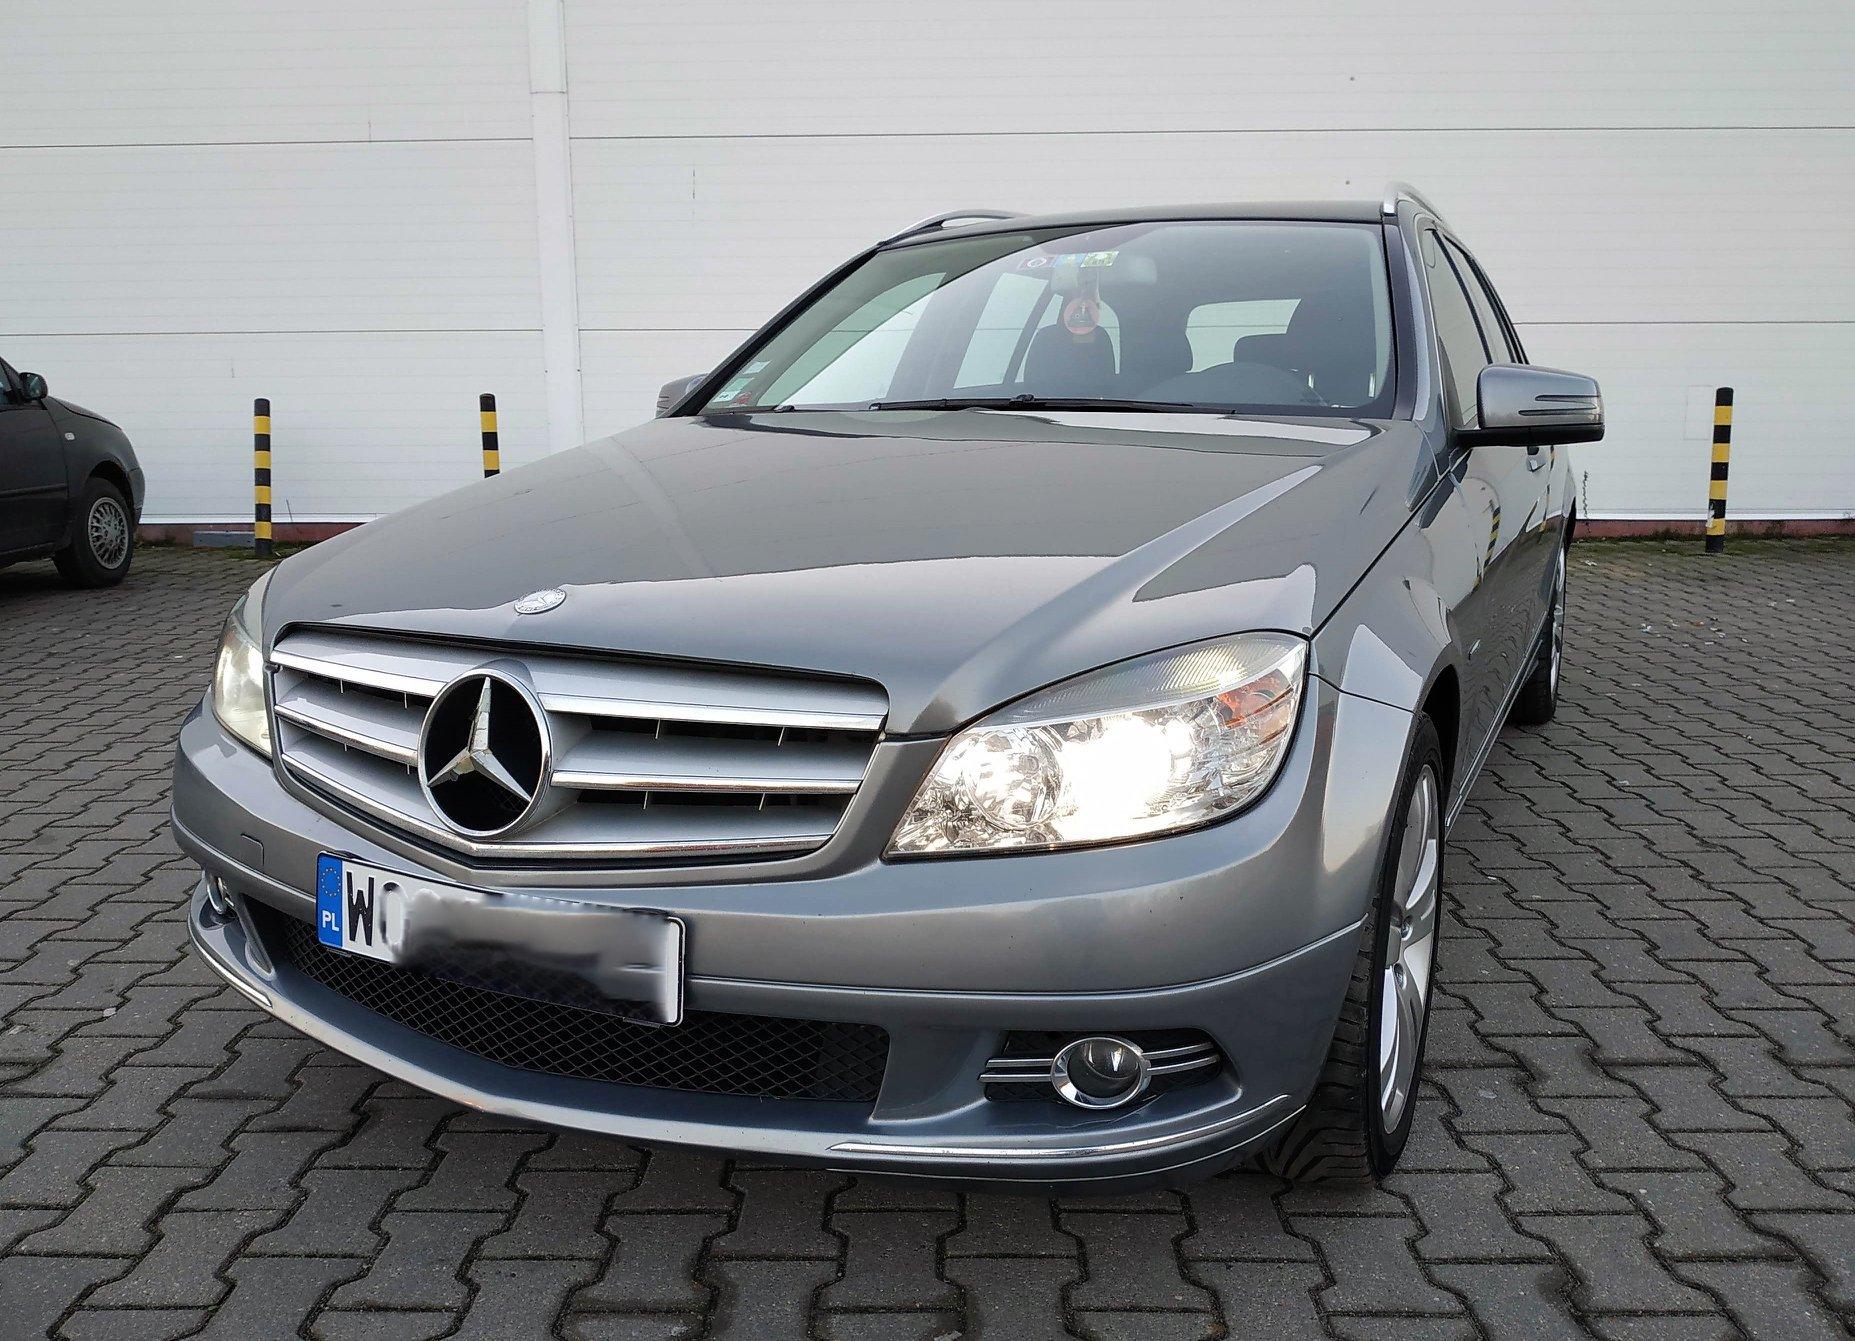 Mercedes W204 C200 CDI 136 KM 270NM >> 178 KM 403Nm